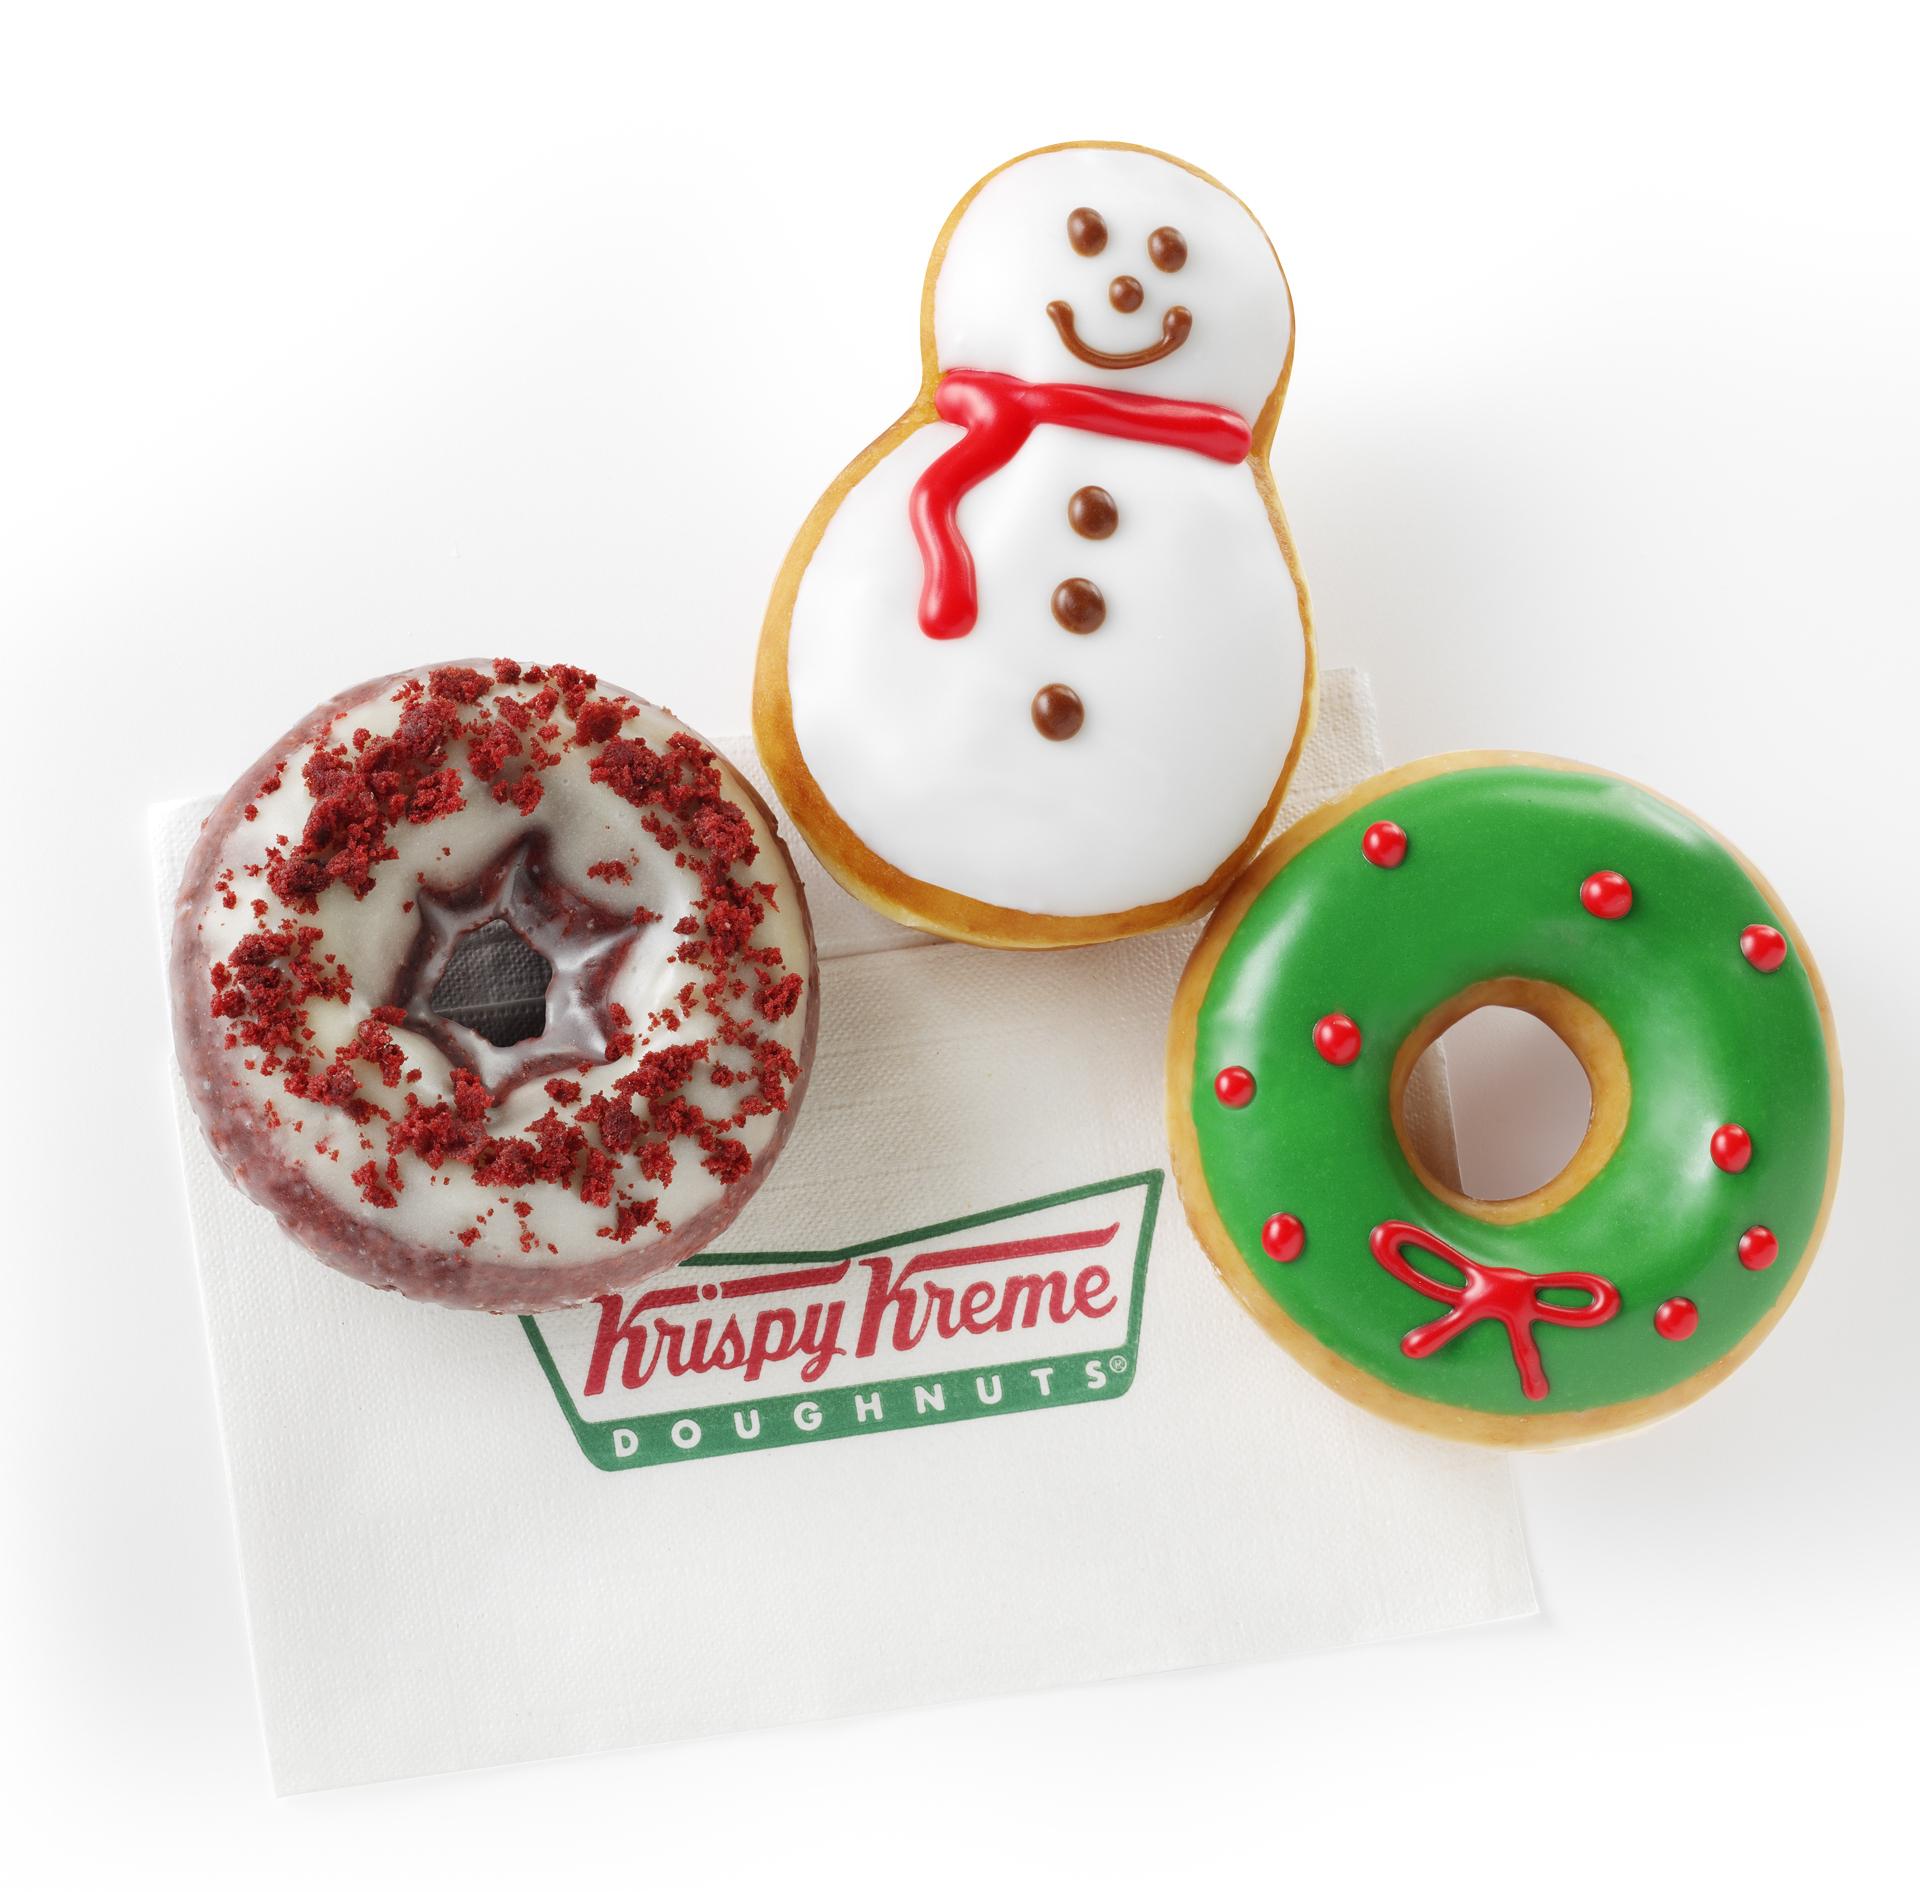 download full size - Krispy Kreme Christmas Hours